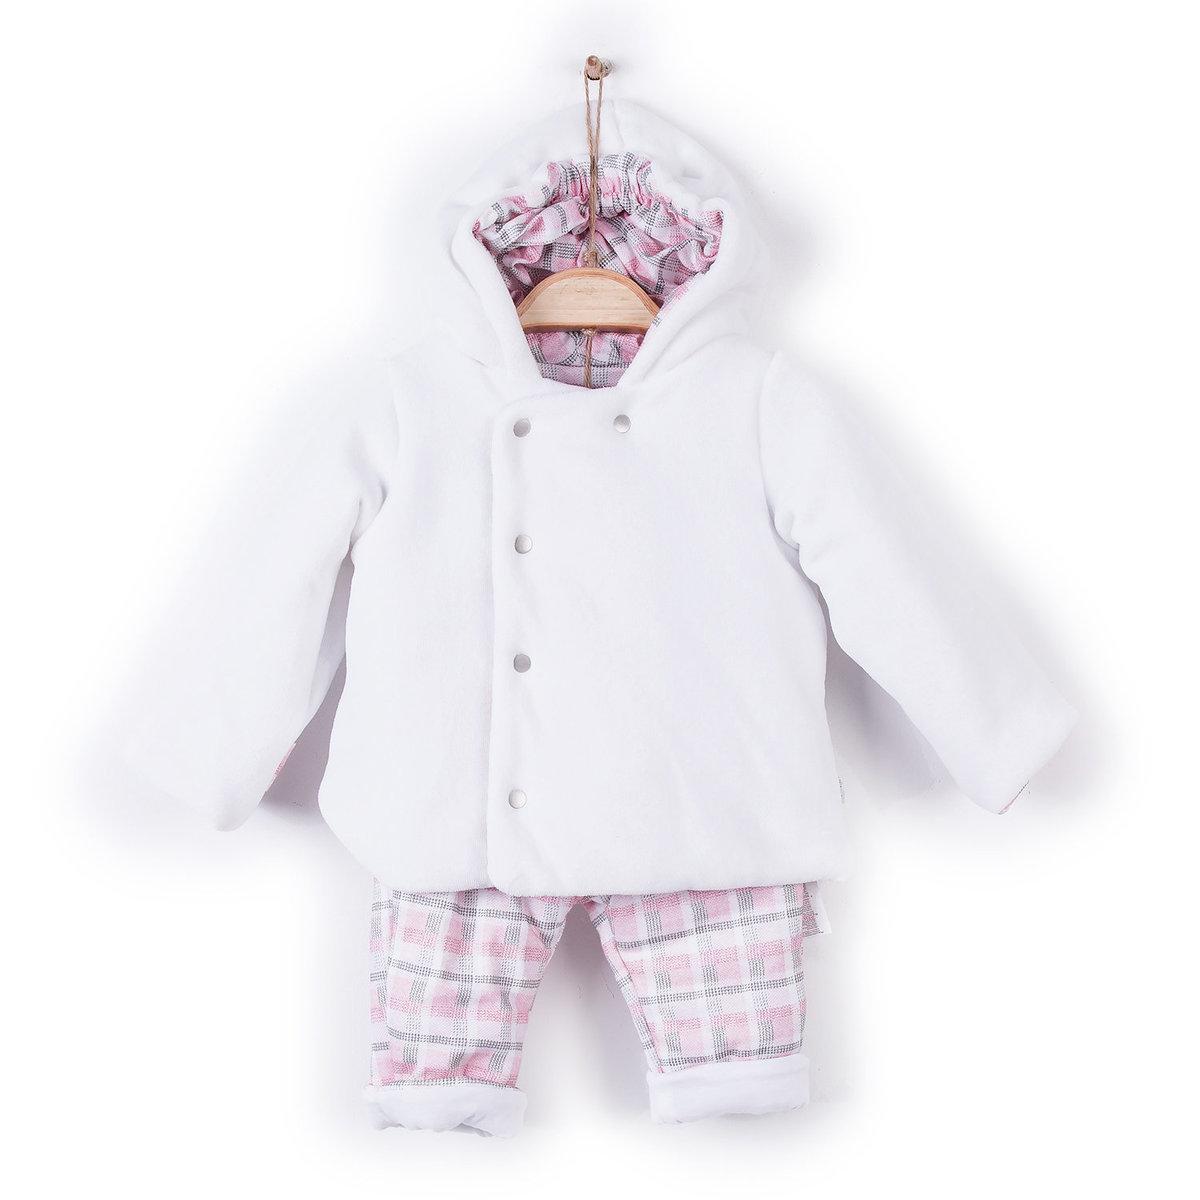 有機棉冬季加厚外套連帽配夾棉褲兩件套裝-粉紅色 (3-6M)